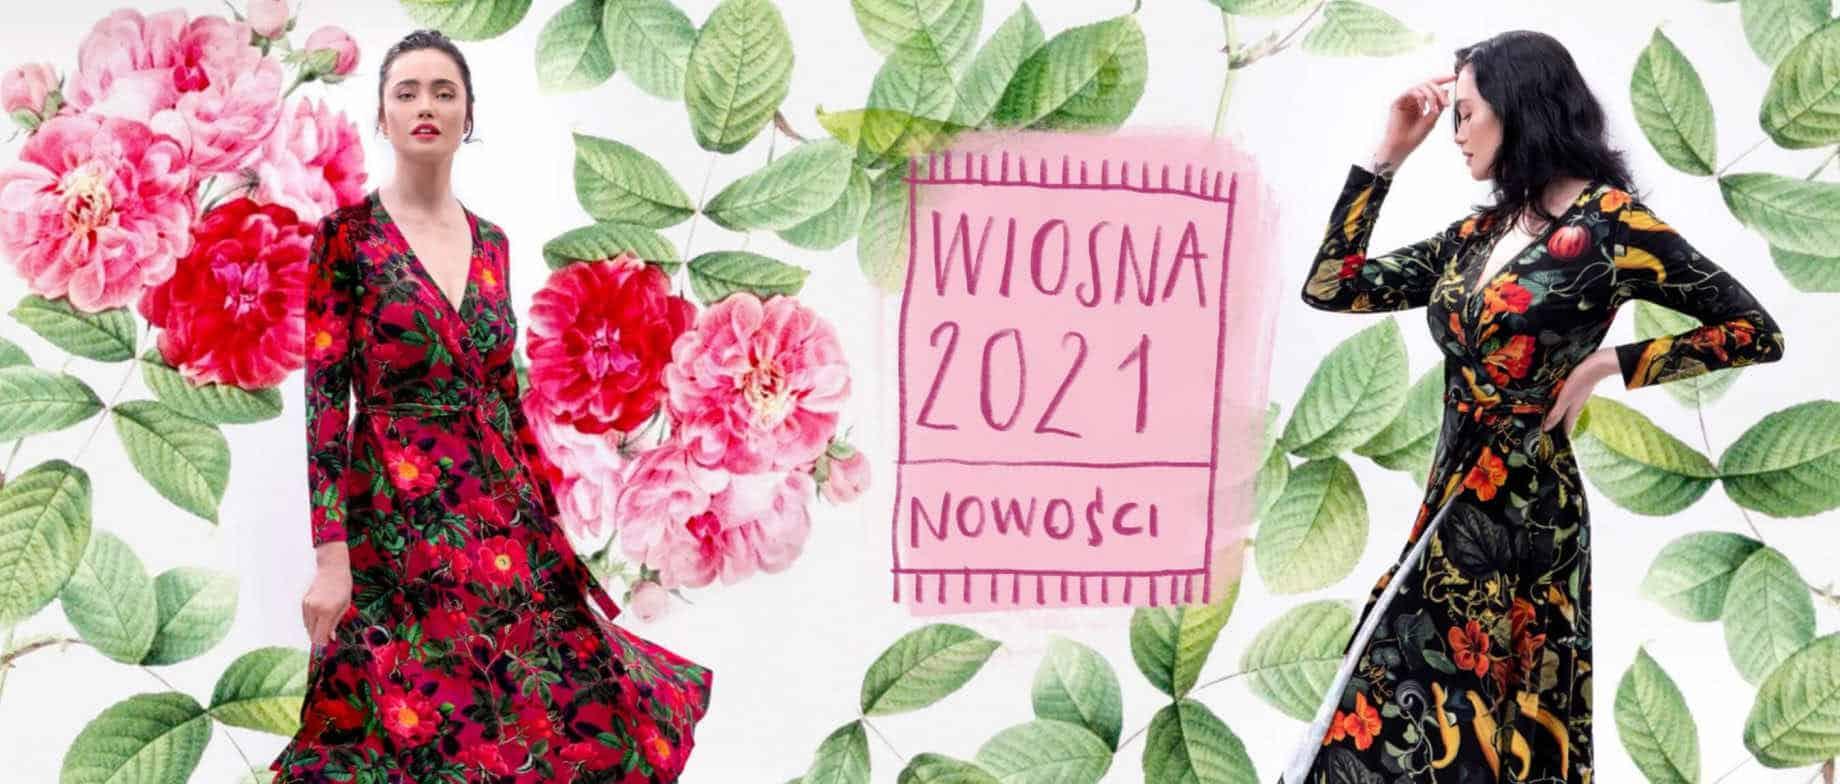 kolekcja wiosna 2021 sukienki koszulki dziendobrysklep.com